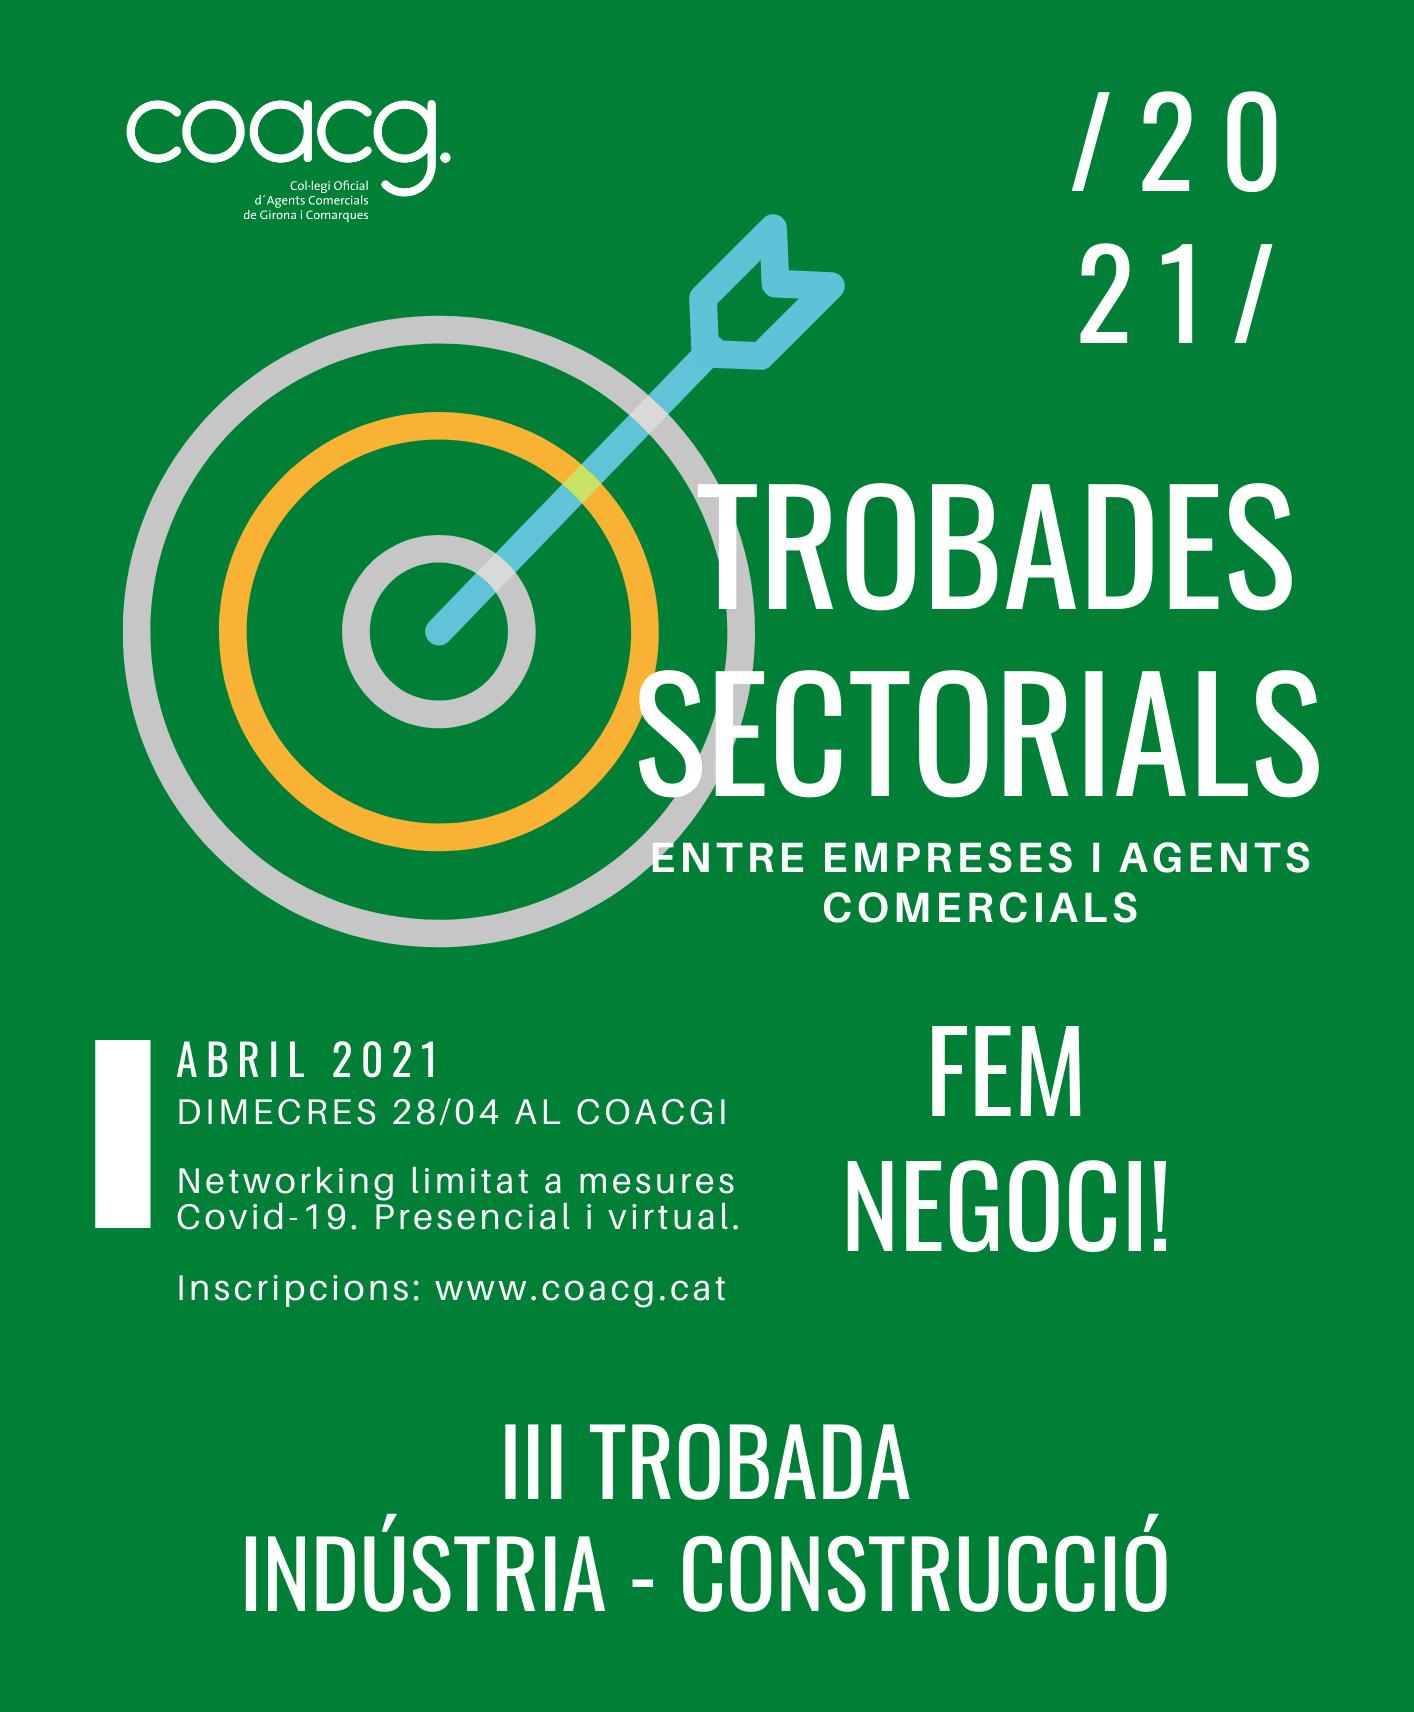 trobades-sectorials-2021-cat-abril